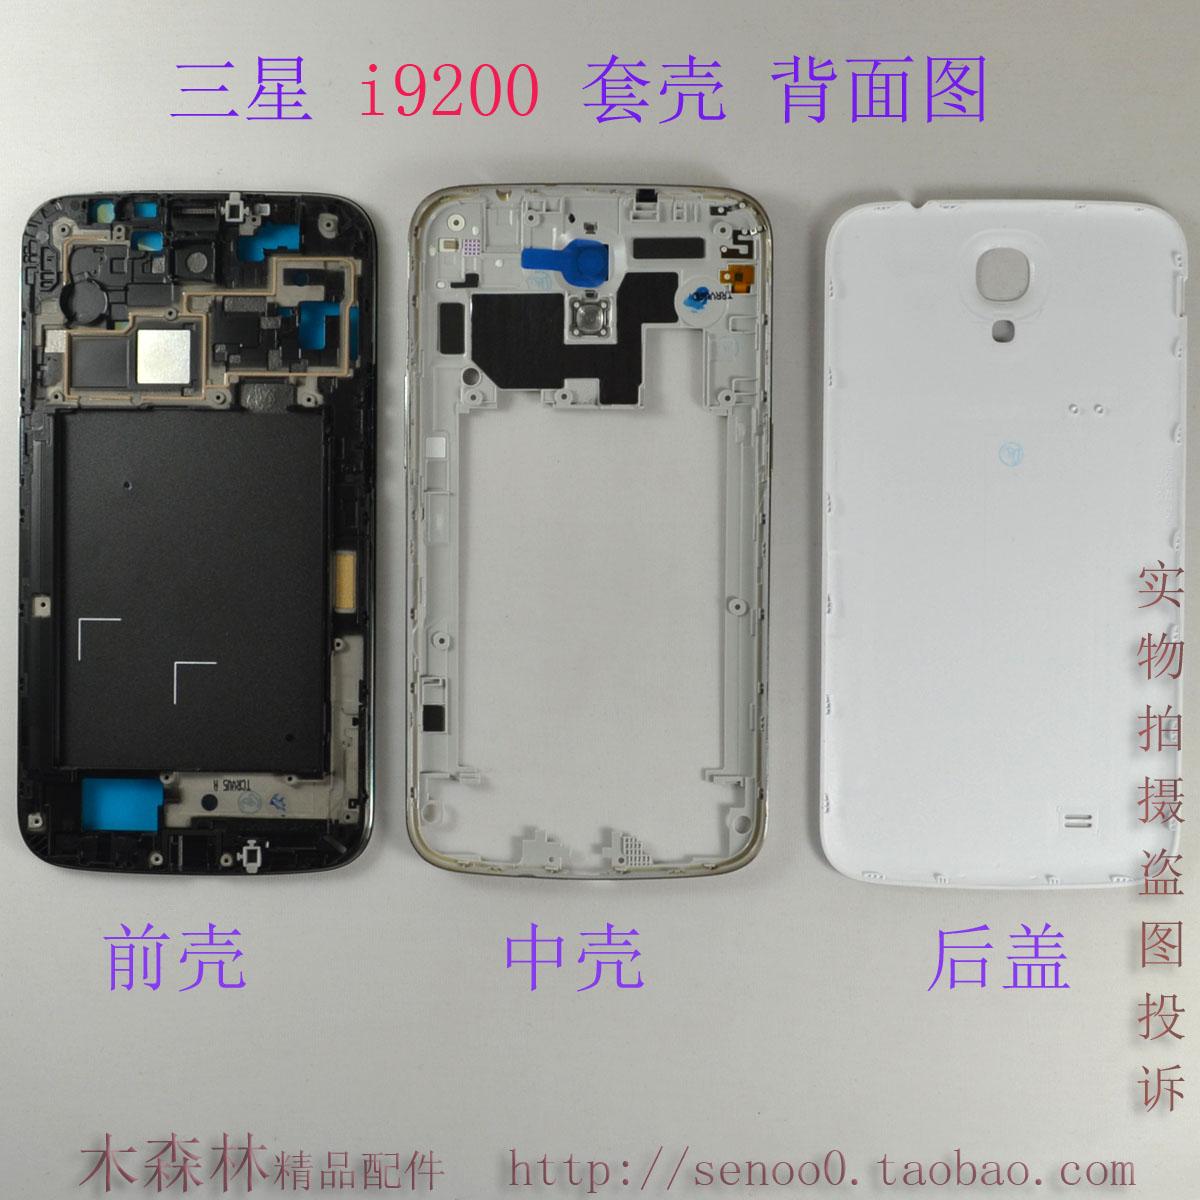 Запчасти для мобильных телефонов Samsung I9200 Samsung